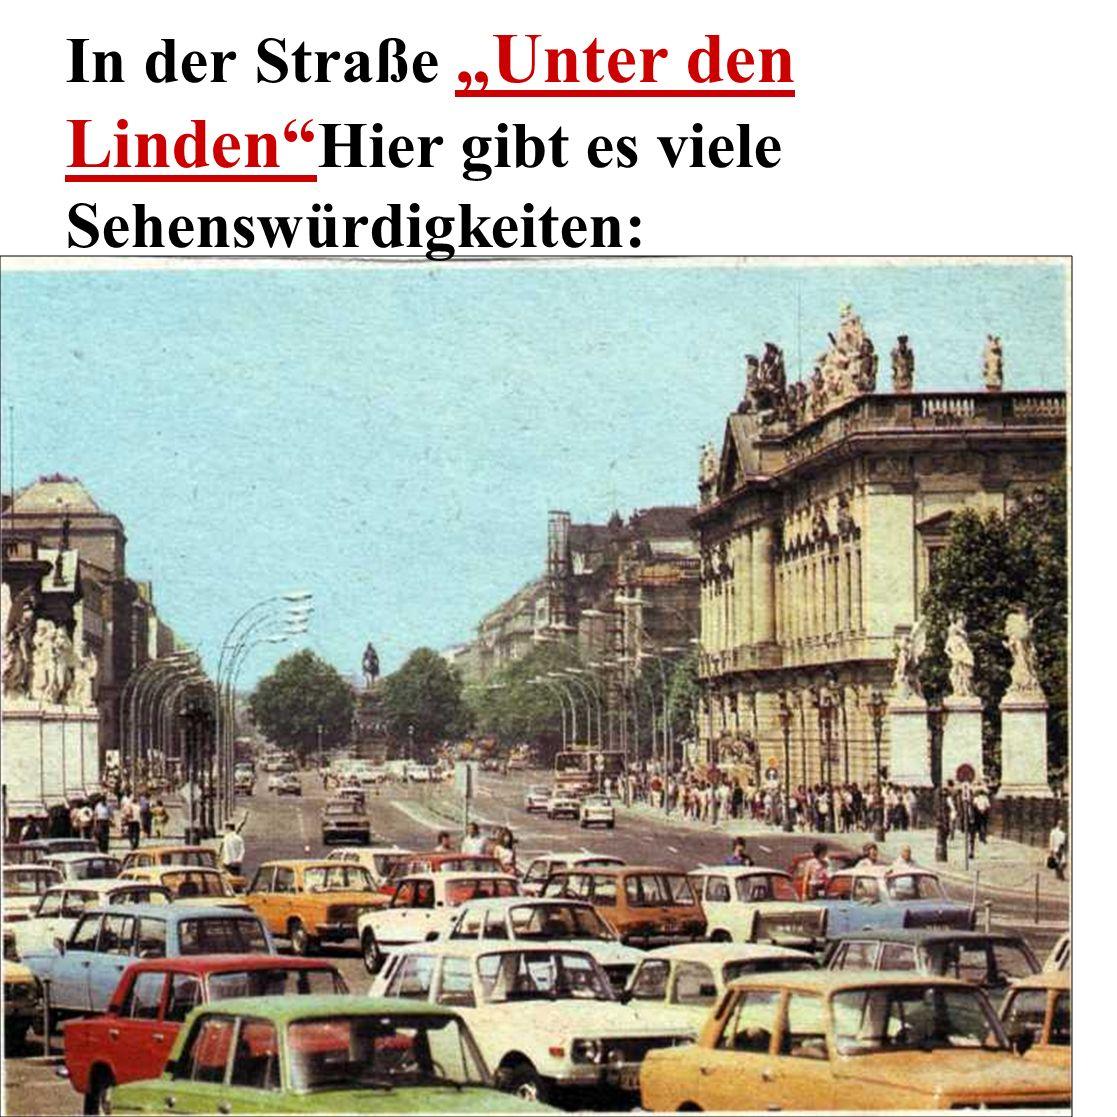 """In der Straße """"Unter den Linden Hier gibt es viele Sehenswürdigkeiten:"""